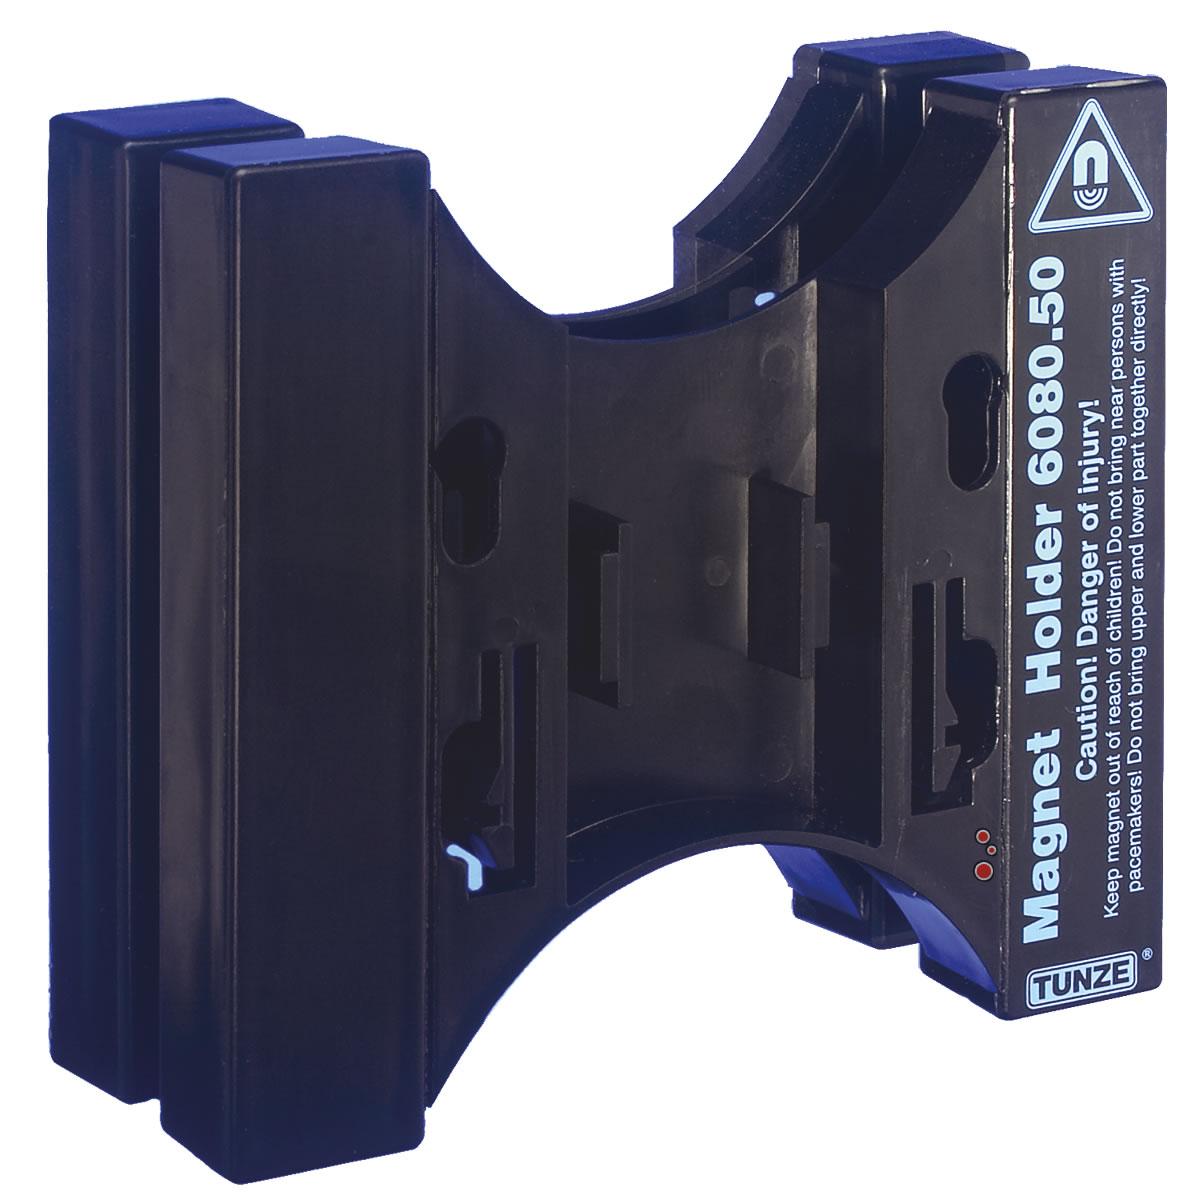 TUNZE Magnet Holder [6080.500]